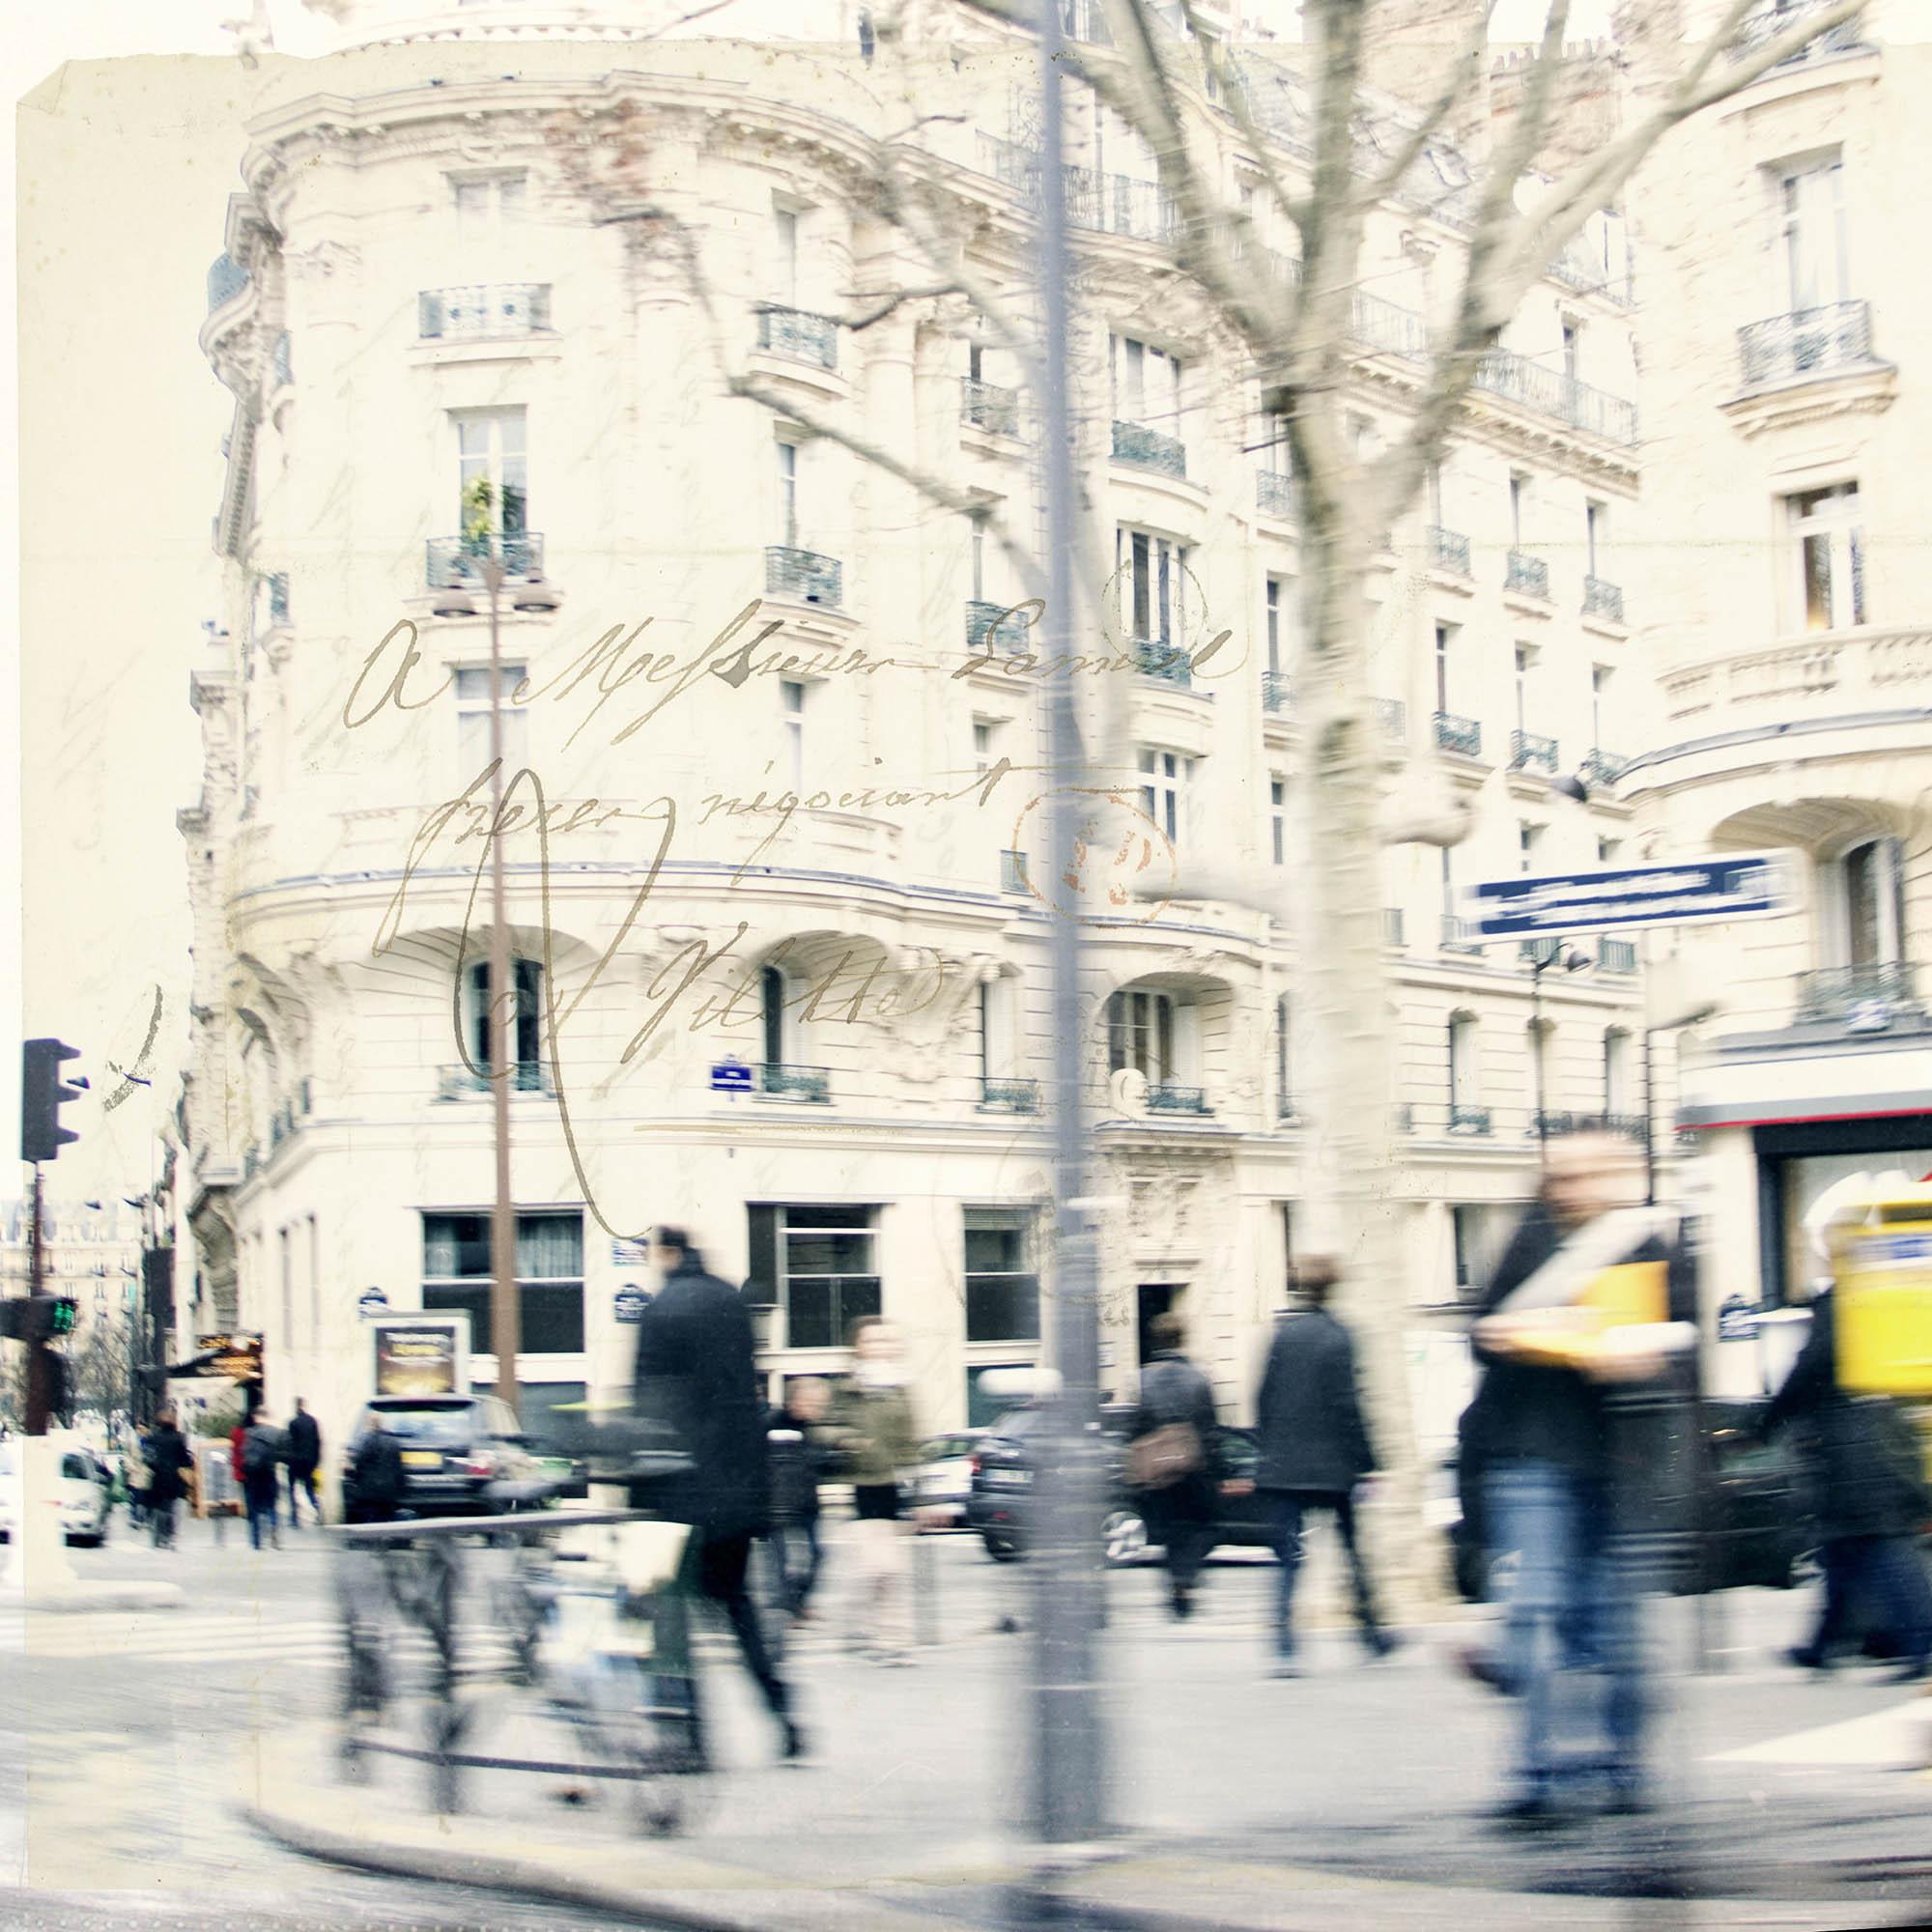 Paris Fine Art Photography Prints For Sale Cindy Taylor.jpg